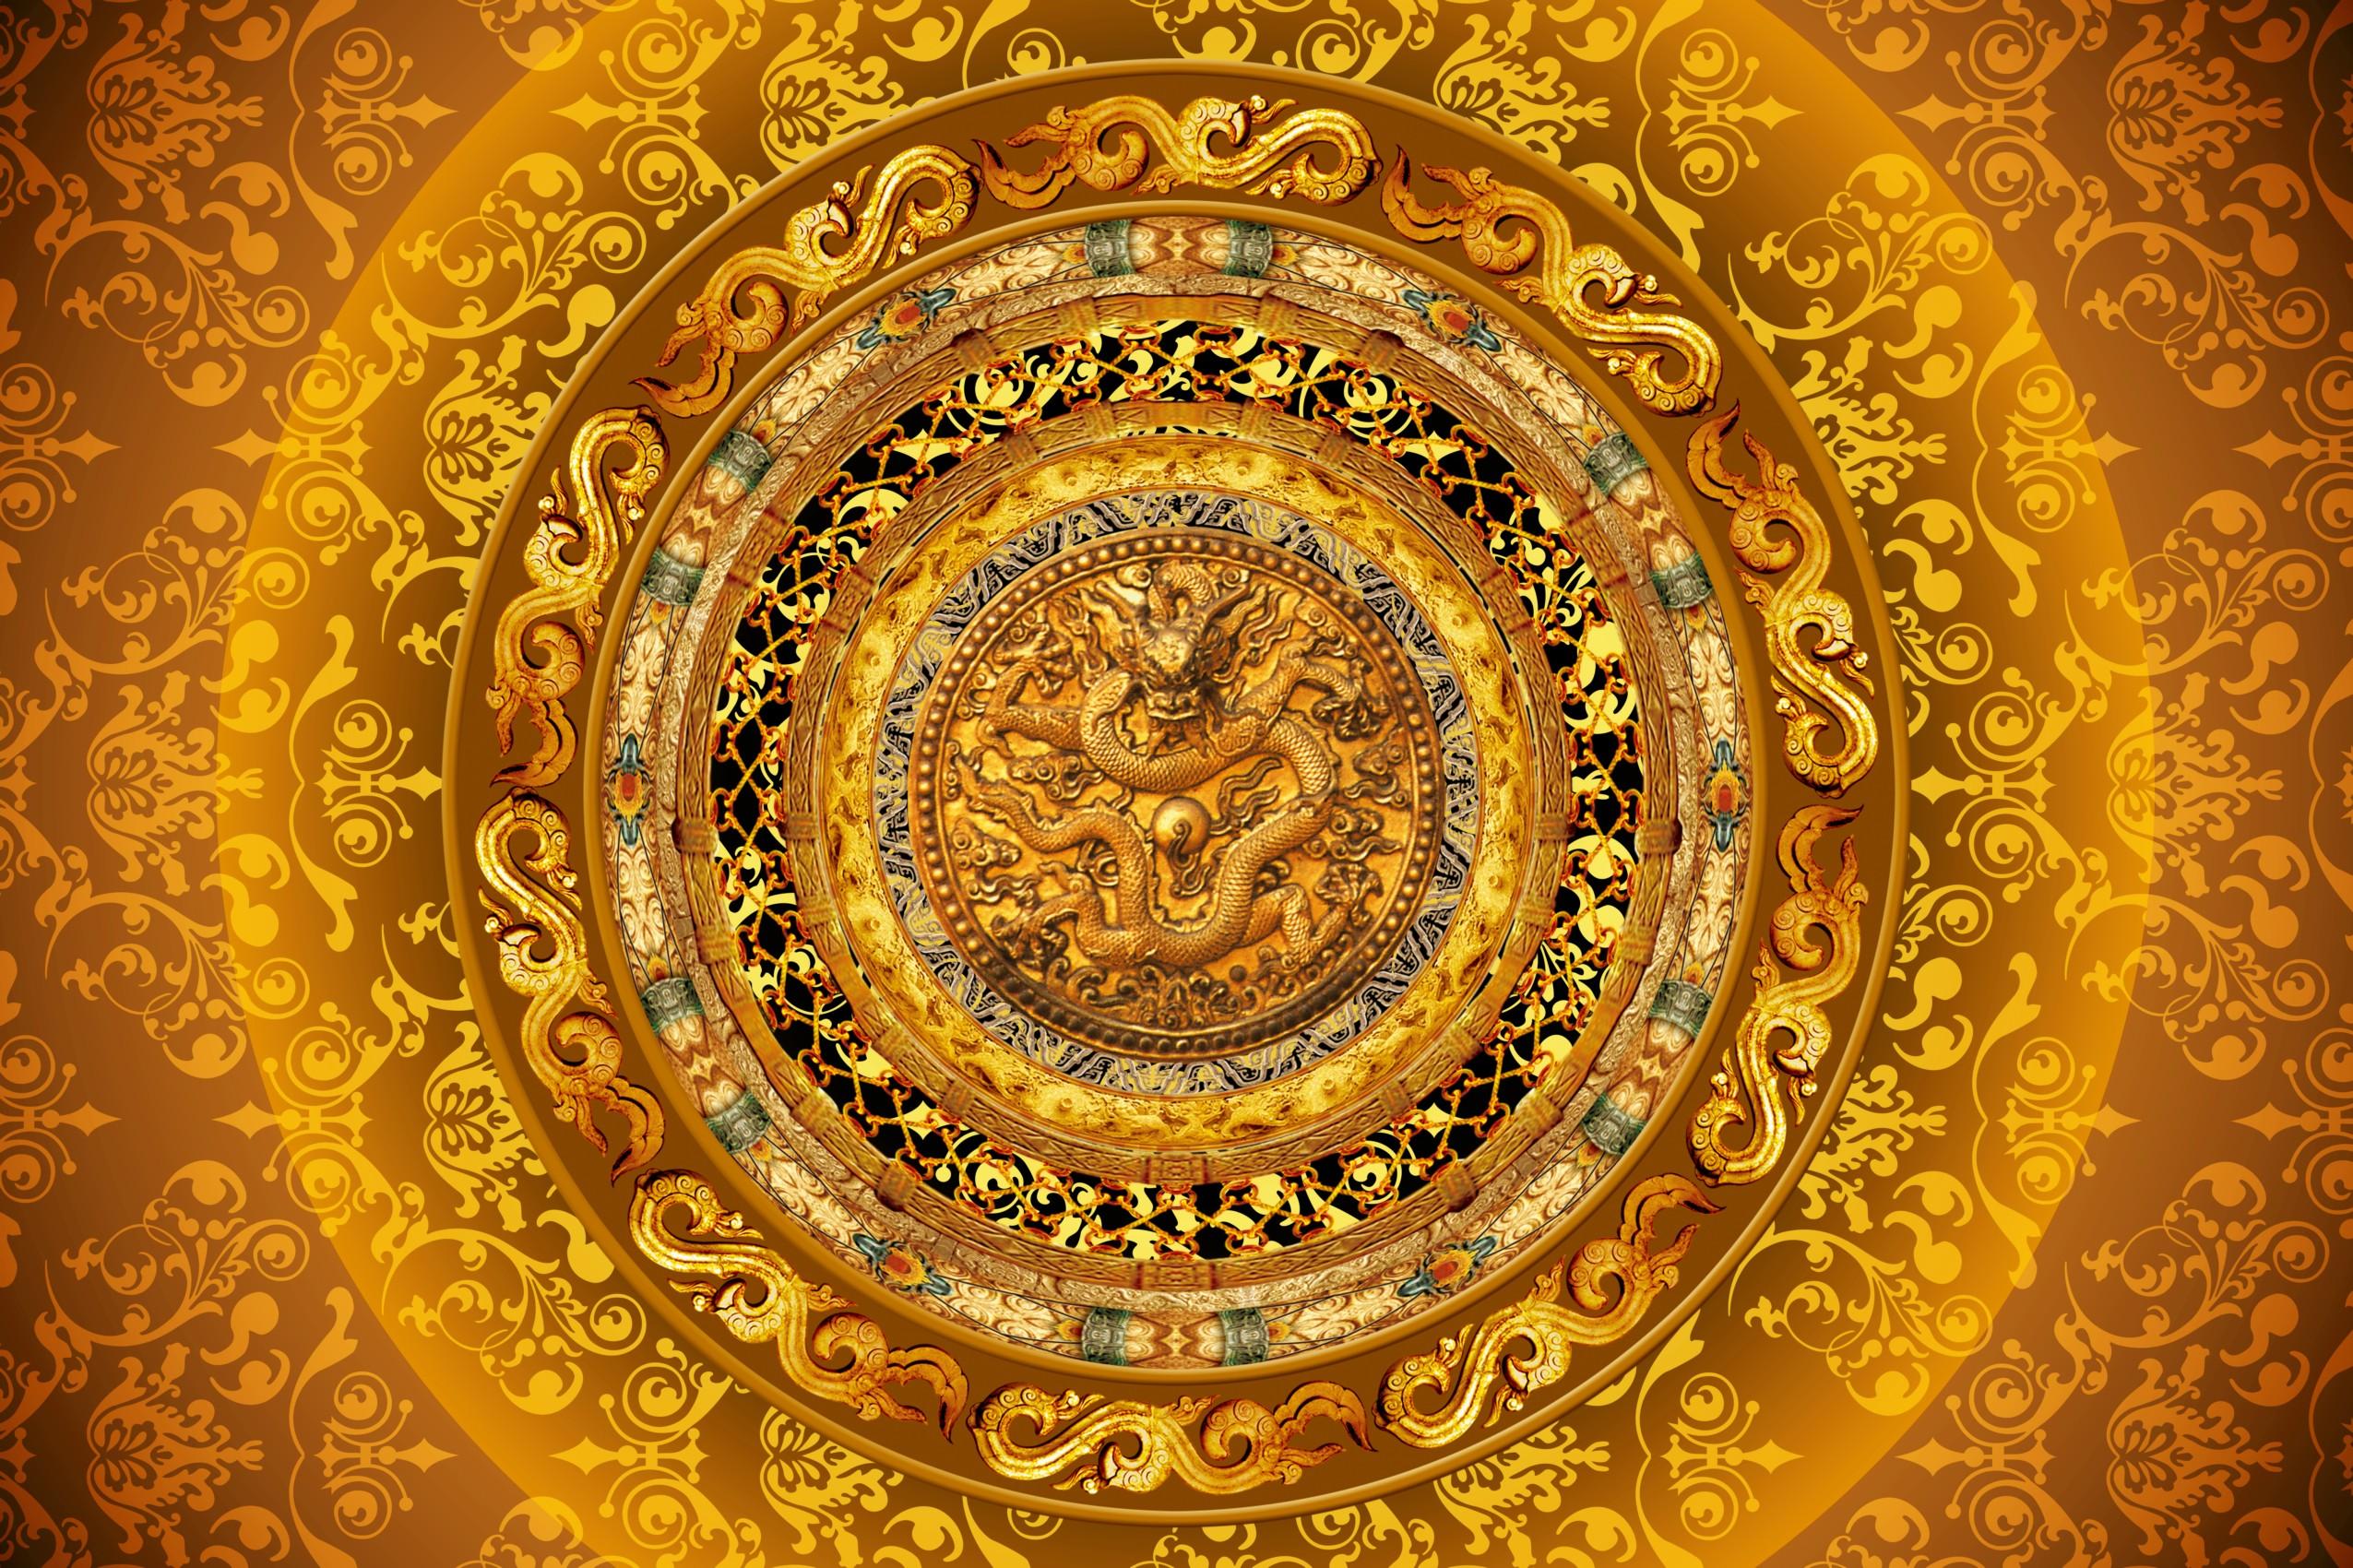 丝绸背景系列 3d-玫瑰,花卉,水影系列 抽象,手绘,欧式油画系列 吊顶